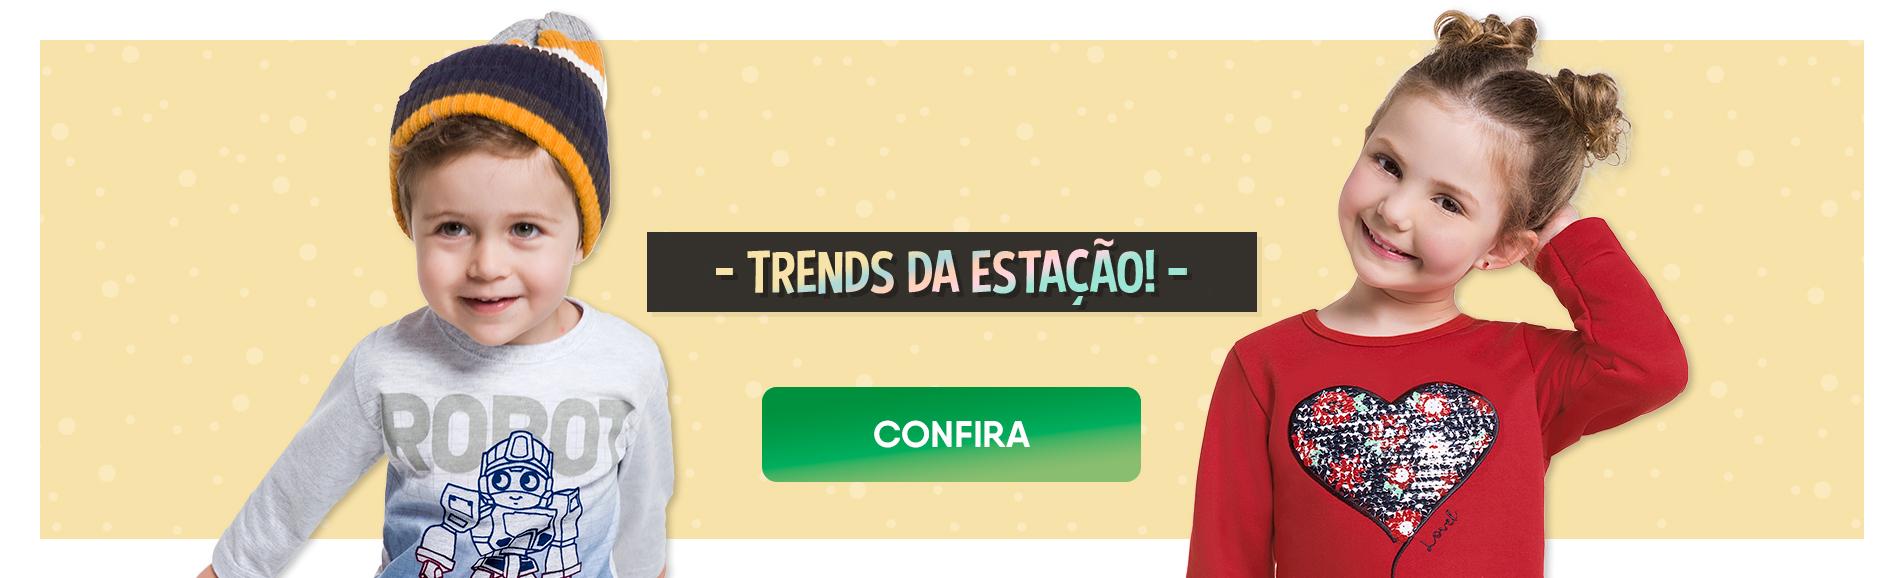 Trends da Estação